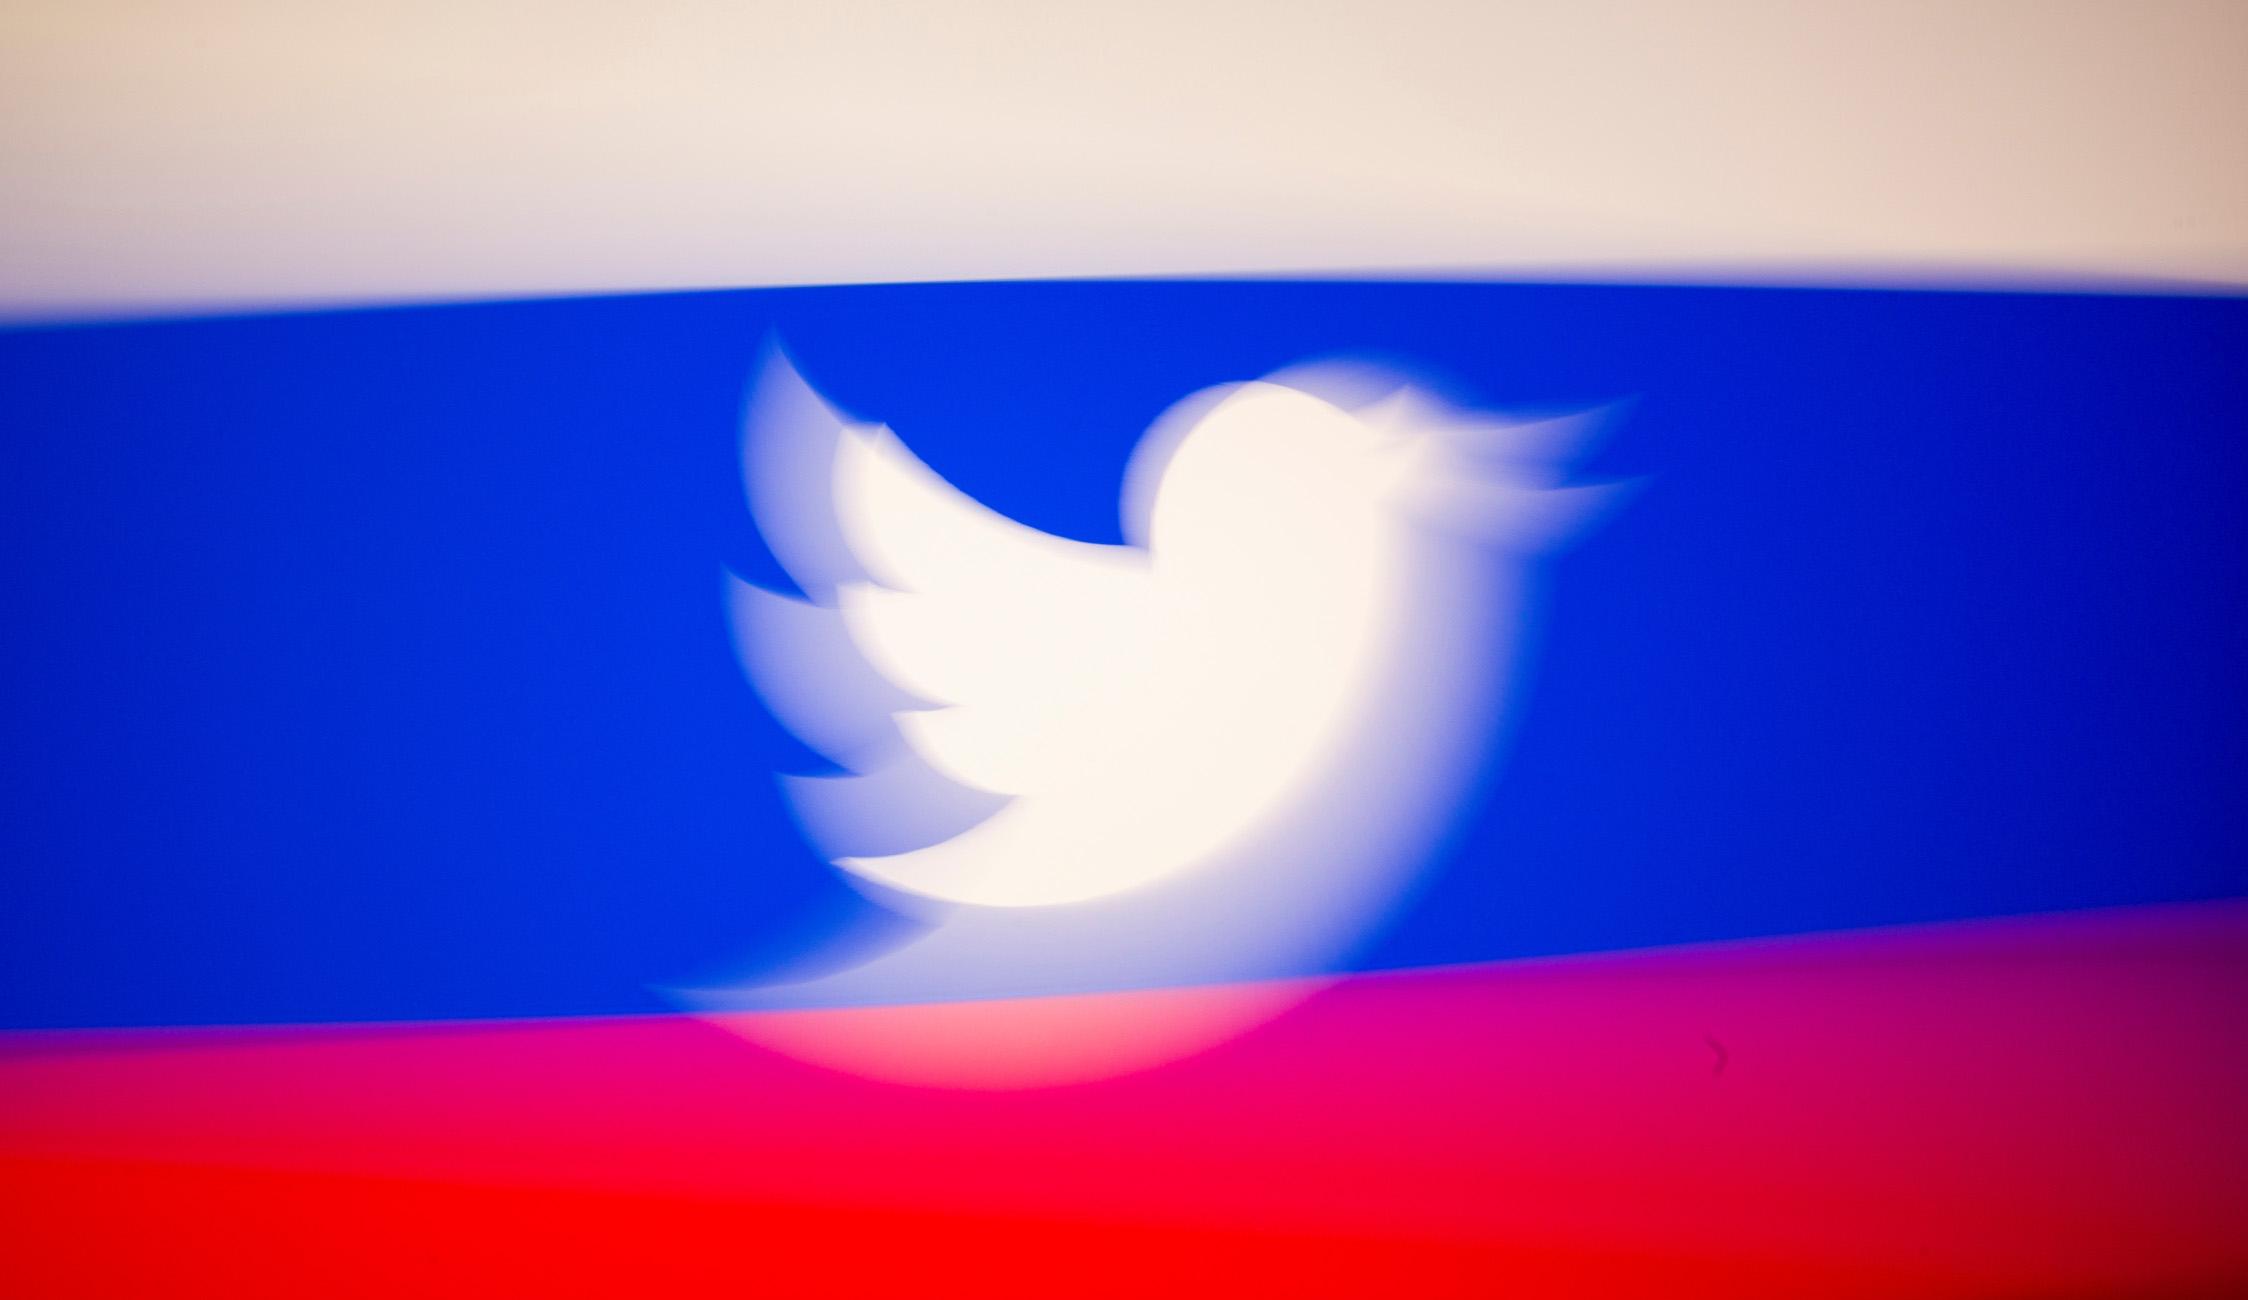 Ρωσία: Μερική άρση περιορισμών του Twitter μετά τη «συμμόρφωσή» του